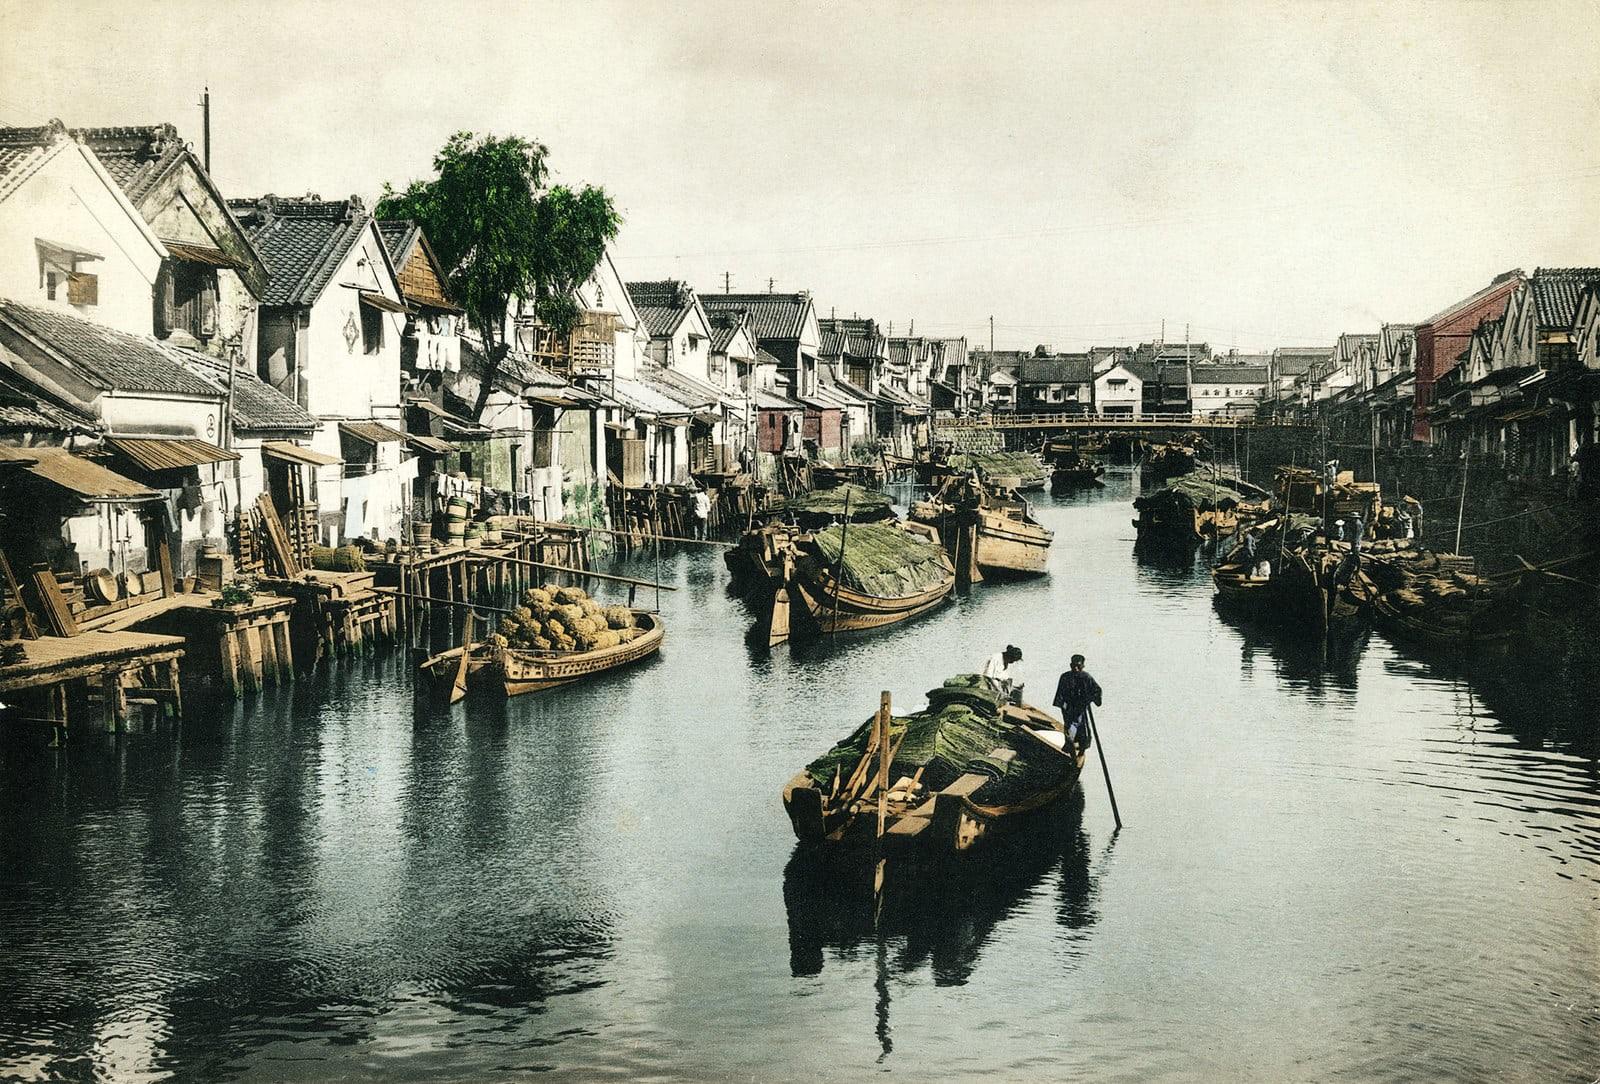 Những bức ảnh ghi lại kỷ niệm chung của nhân loại: diện mạo của thế giới vào 100 năm về trước - Ảnh 4.